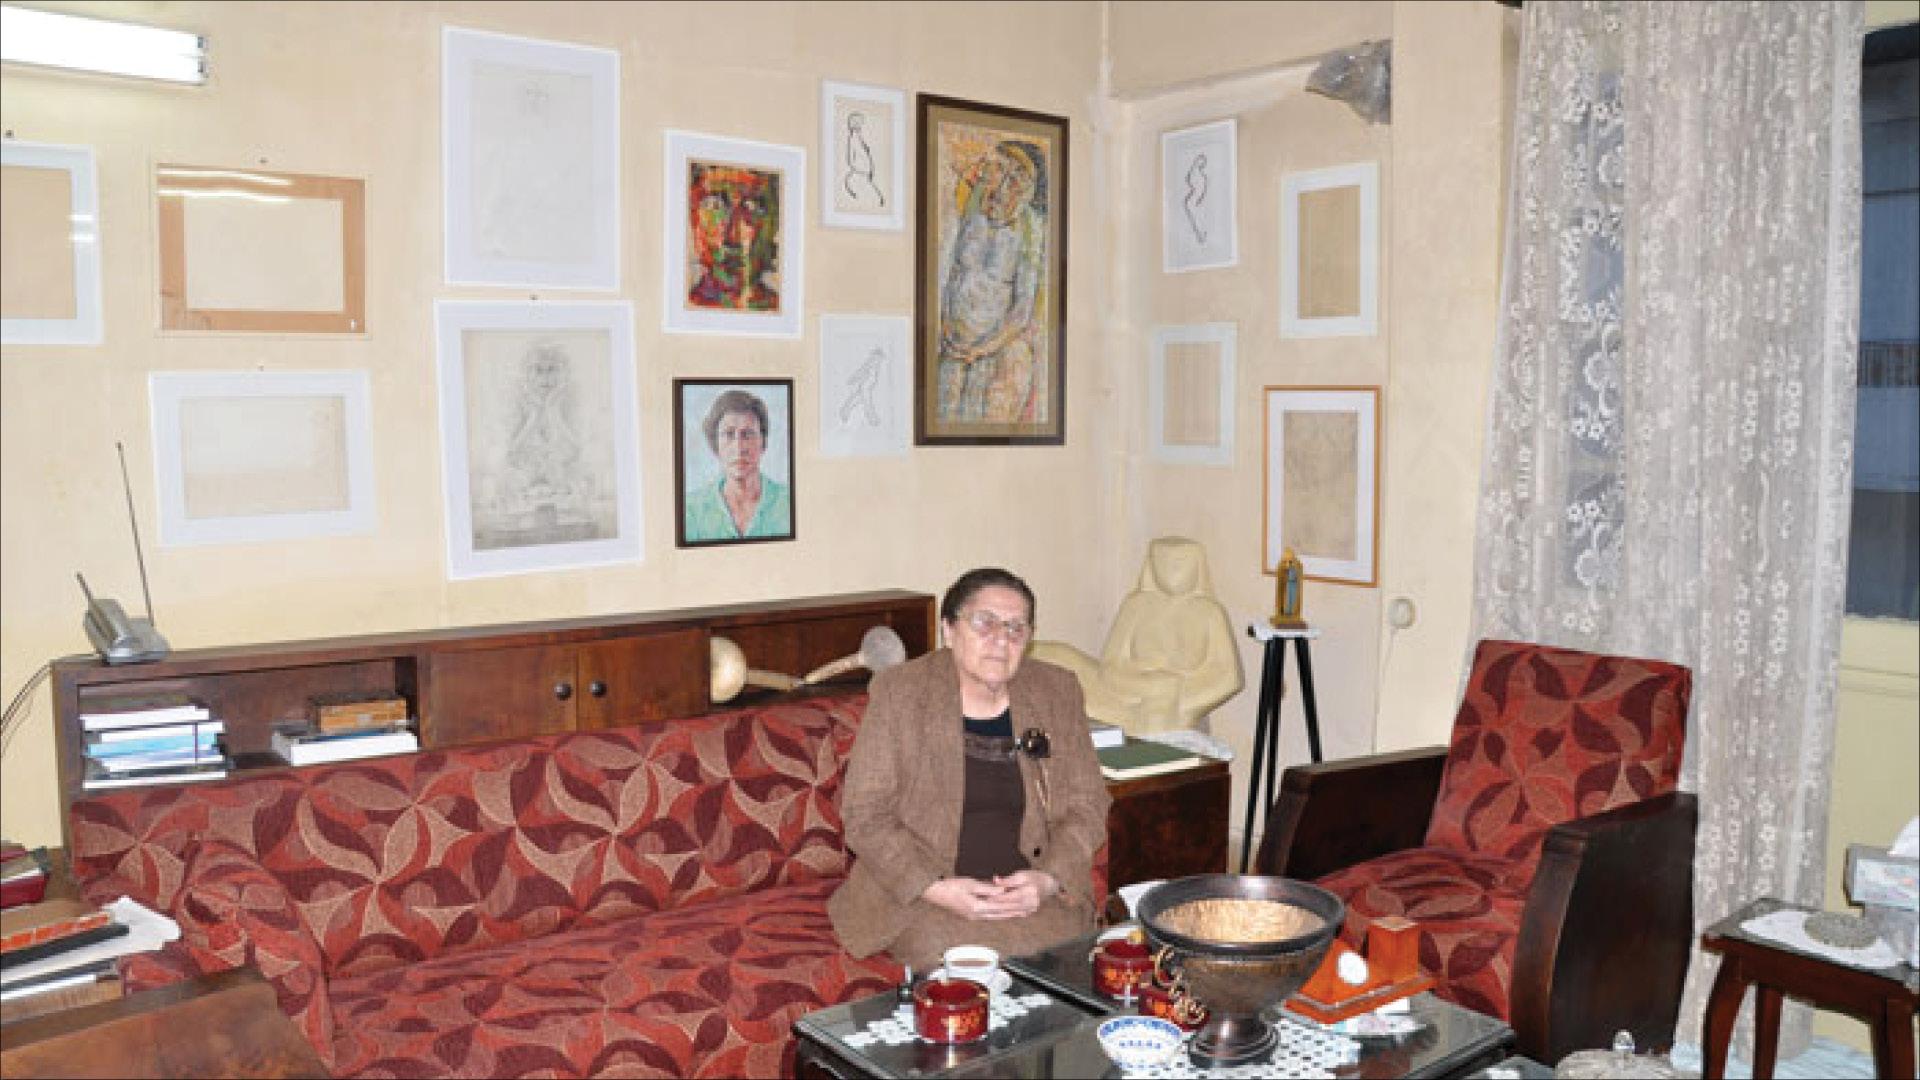 التشكيلية السورية ليلى نصير في منزلها ومع أعمالها